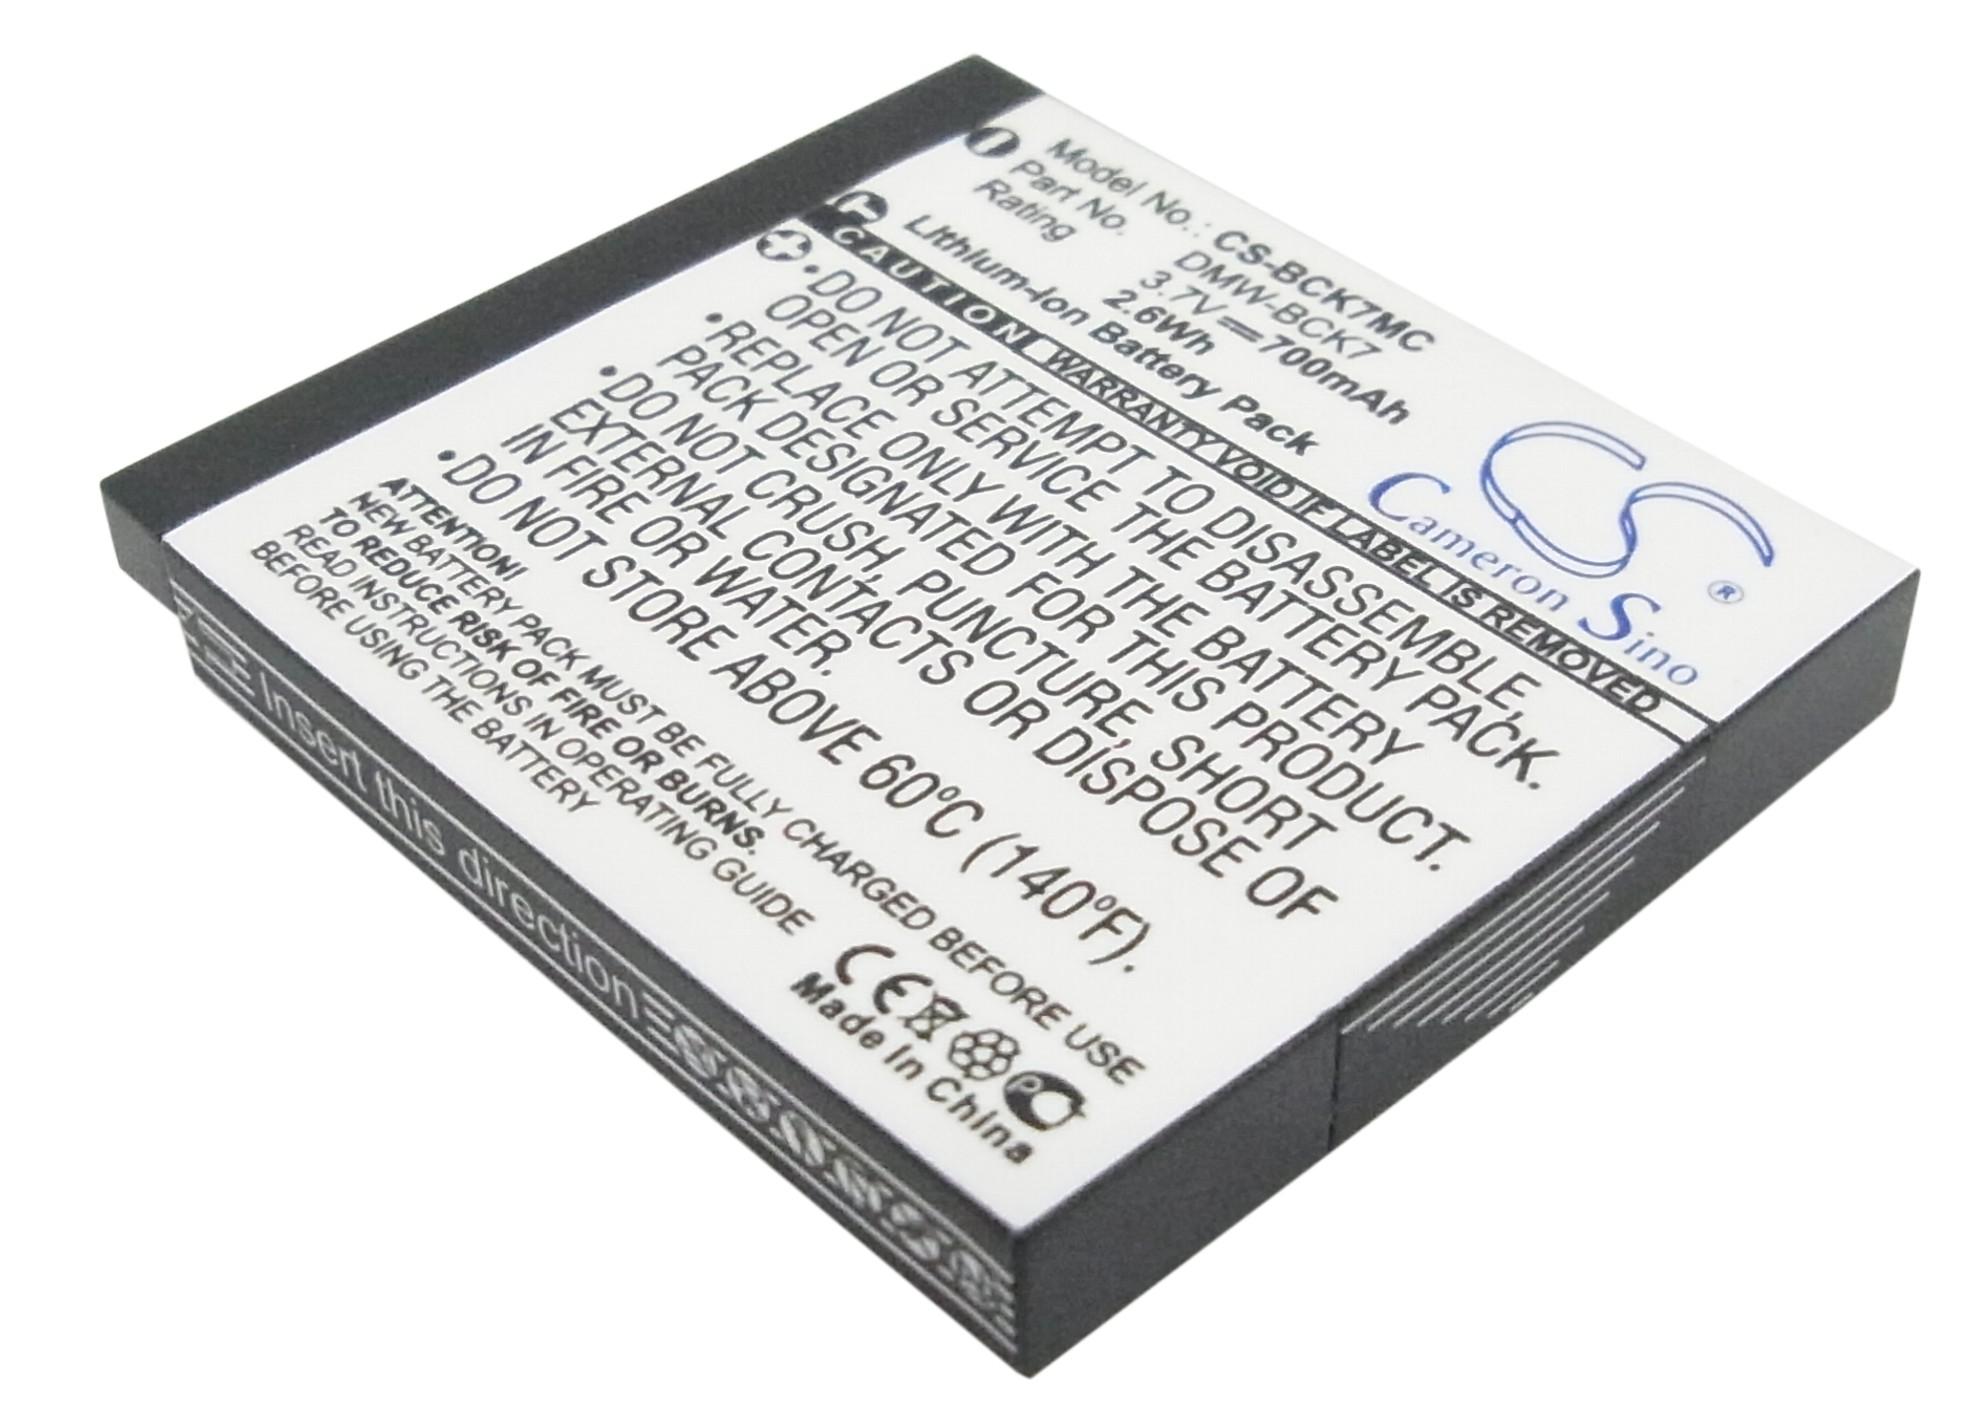 Cameron Sino baterie do kamer a fotoaparátů pro PANASONIC Lumix DMC-FS35 3.7V Li-ion 700mAh černá - neoriginální